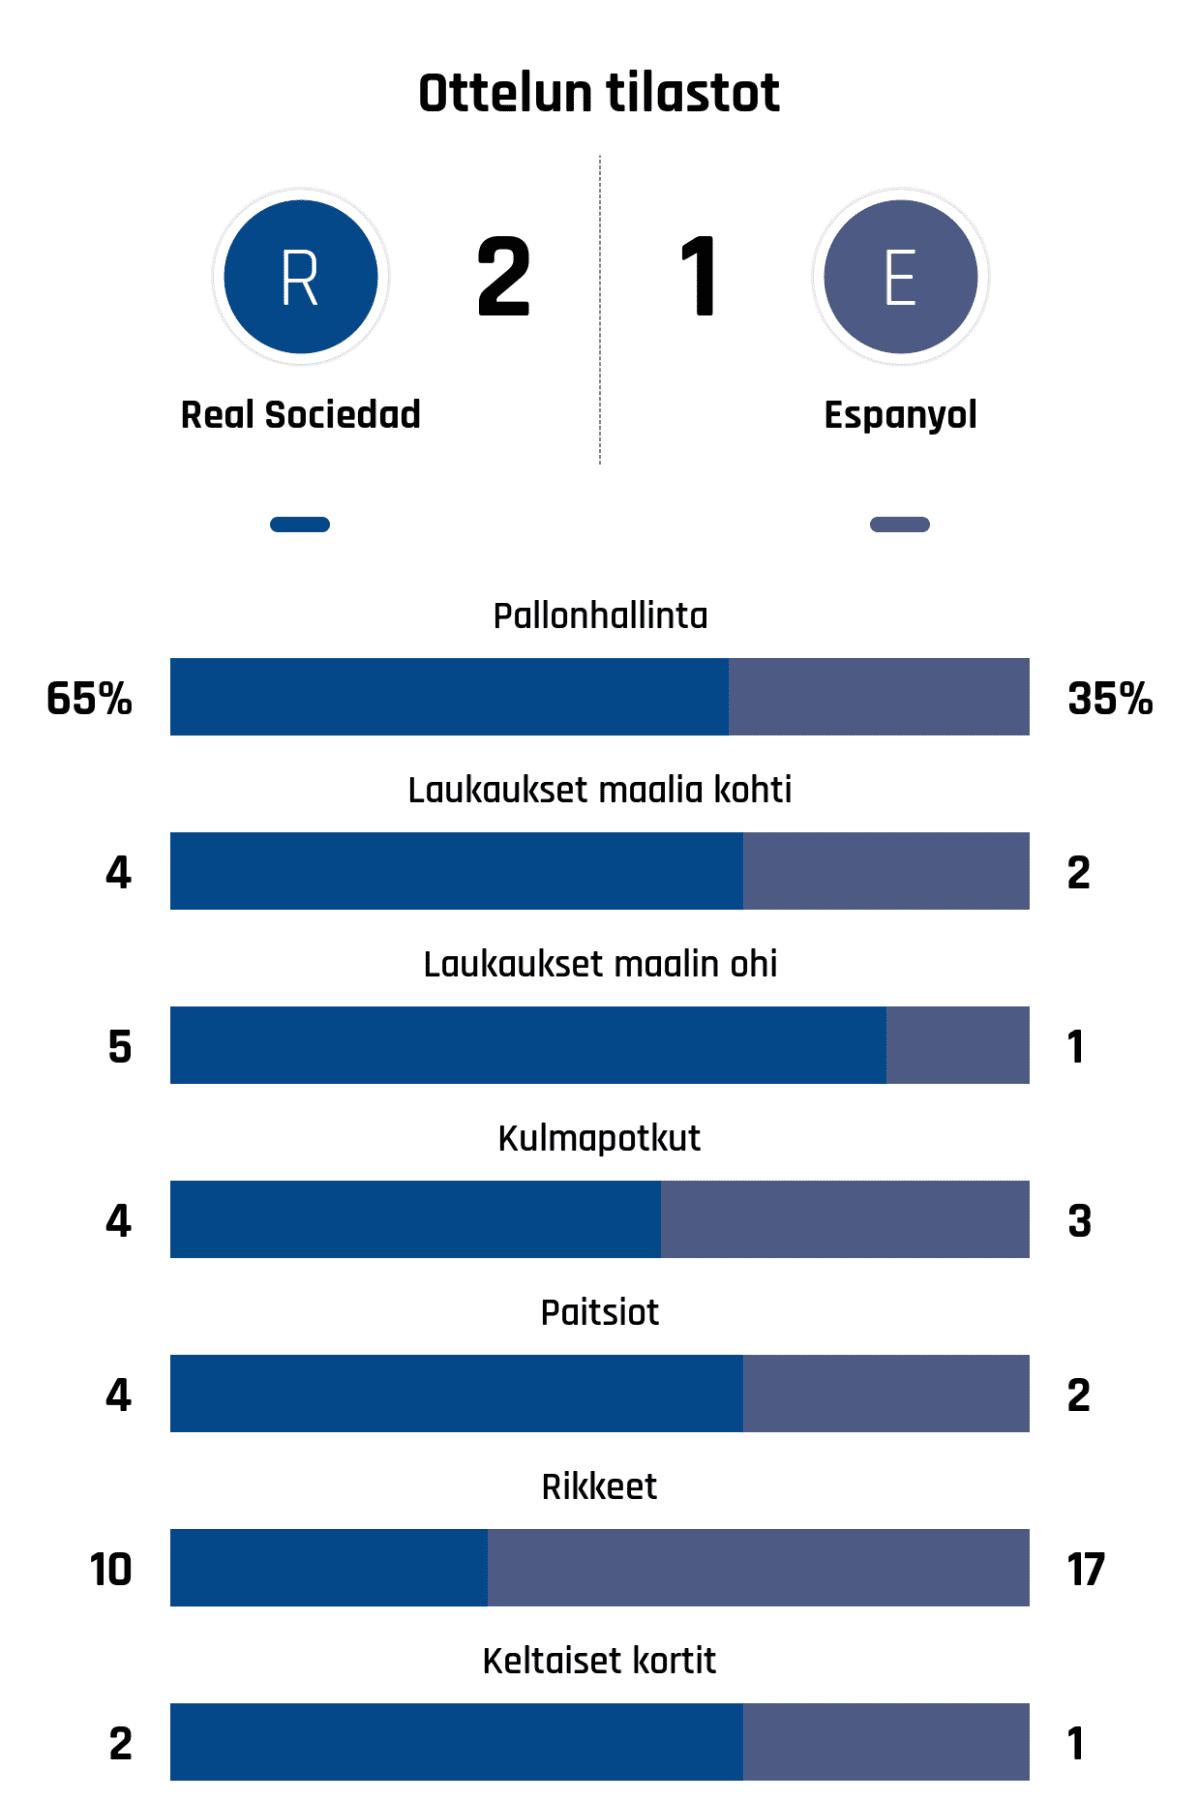 Pallonhallinta 65%-35% Laukaukset maalia kohti 4-2 Laukaukset maalin ohi 5-1 Kulmapotkut 4-3 Paitsiot 4-2 Rikkeet 10-17 Keltaiset kortit 2-1